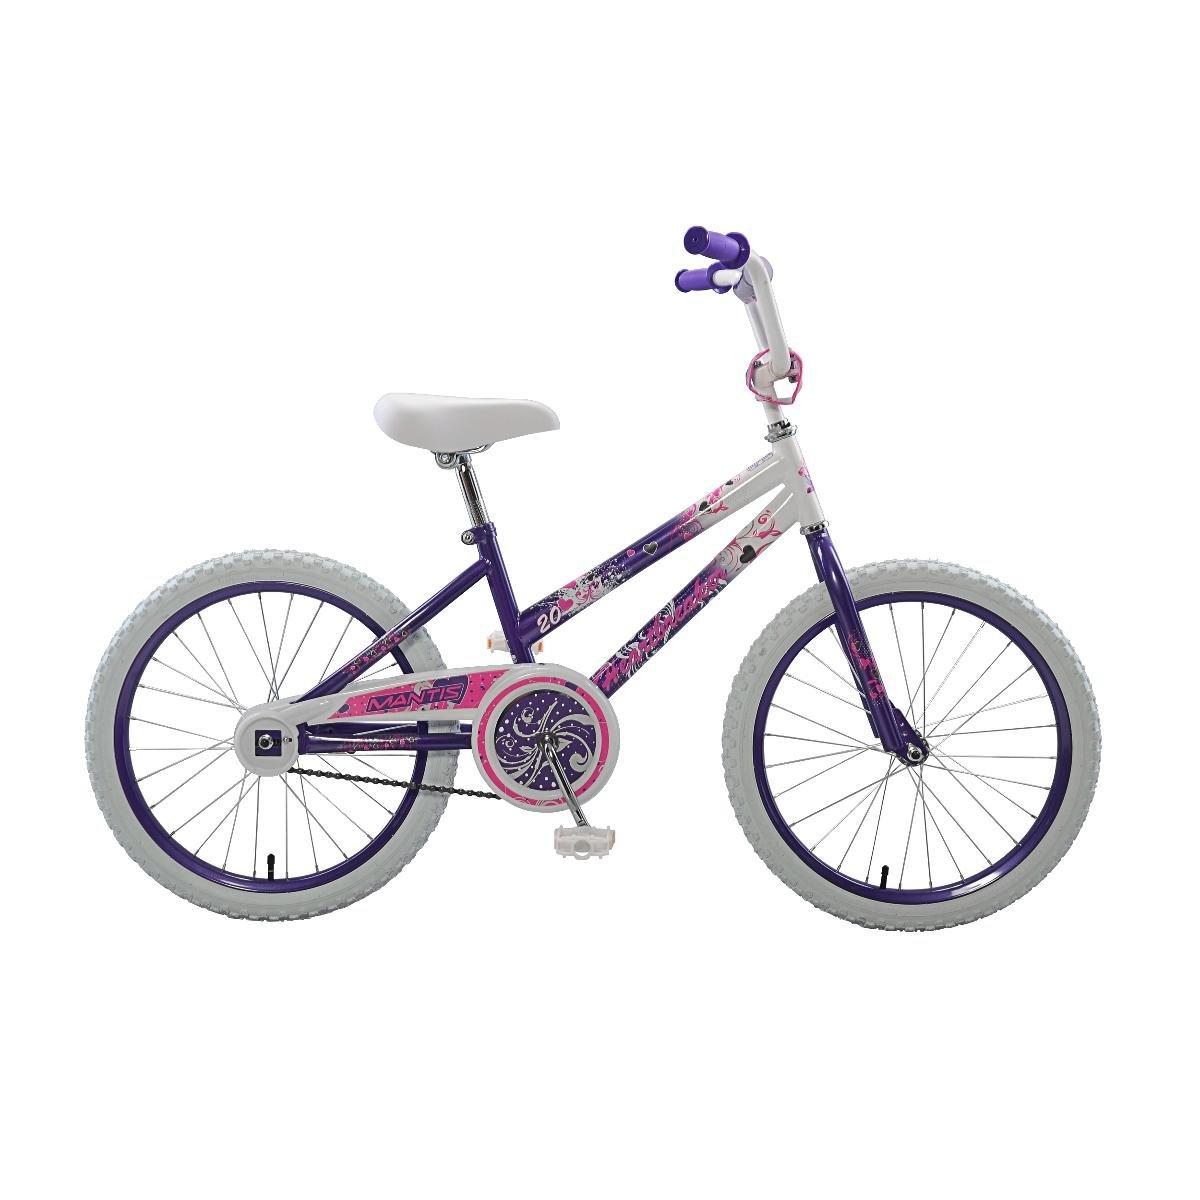 Mantis Girl's 20 Heartbreaker BMX Bike by Mantis B018SPJ3D8